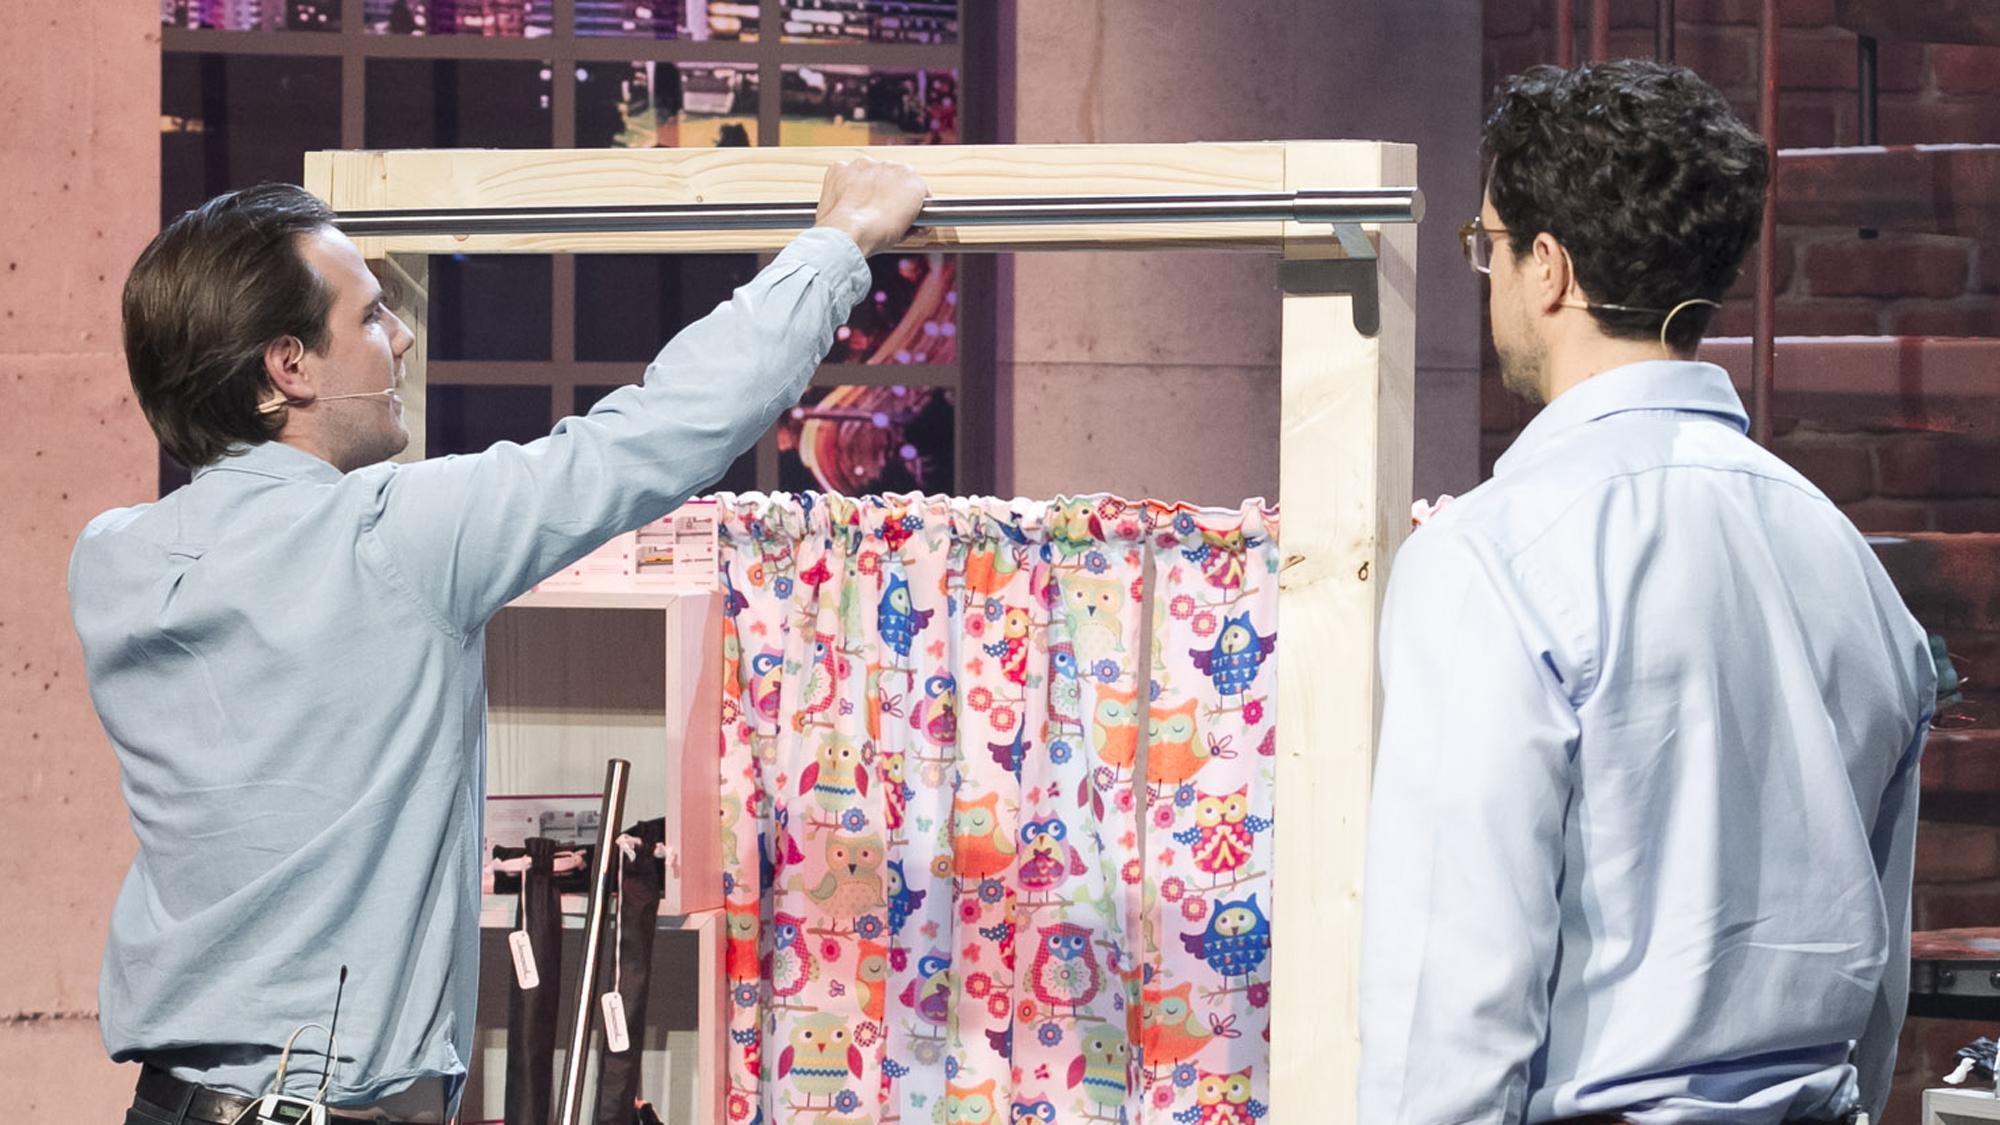 joool ein investor als vorhangstangen erfinder. Black Bedroom Furniture Sets. Home Design Ideas